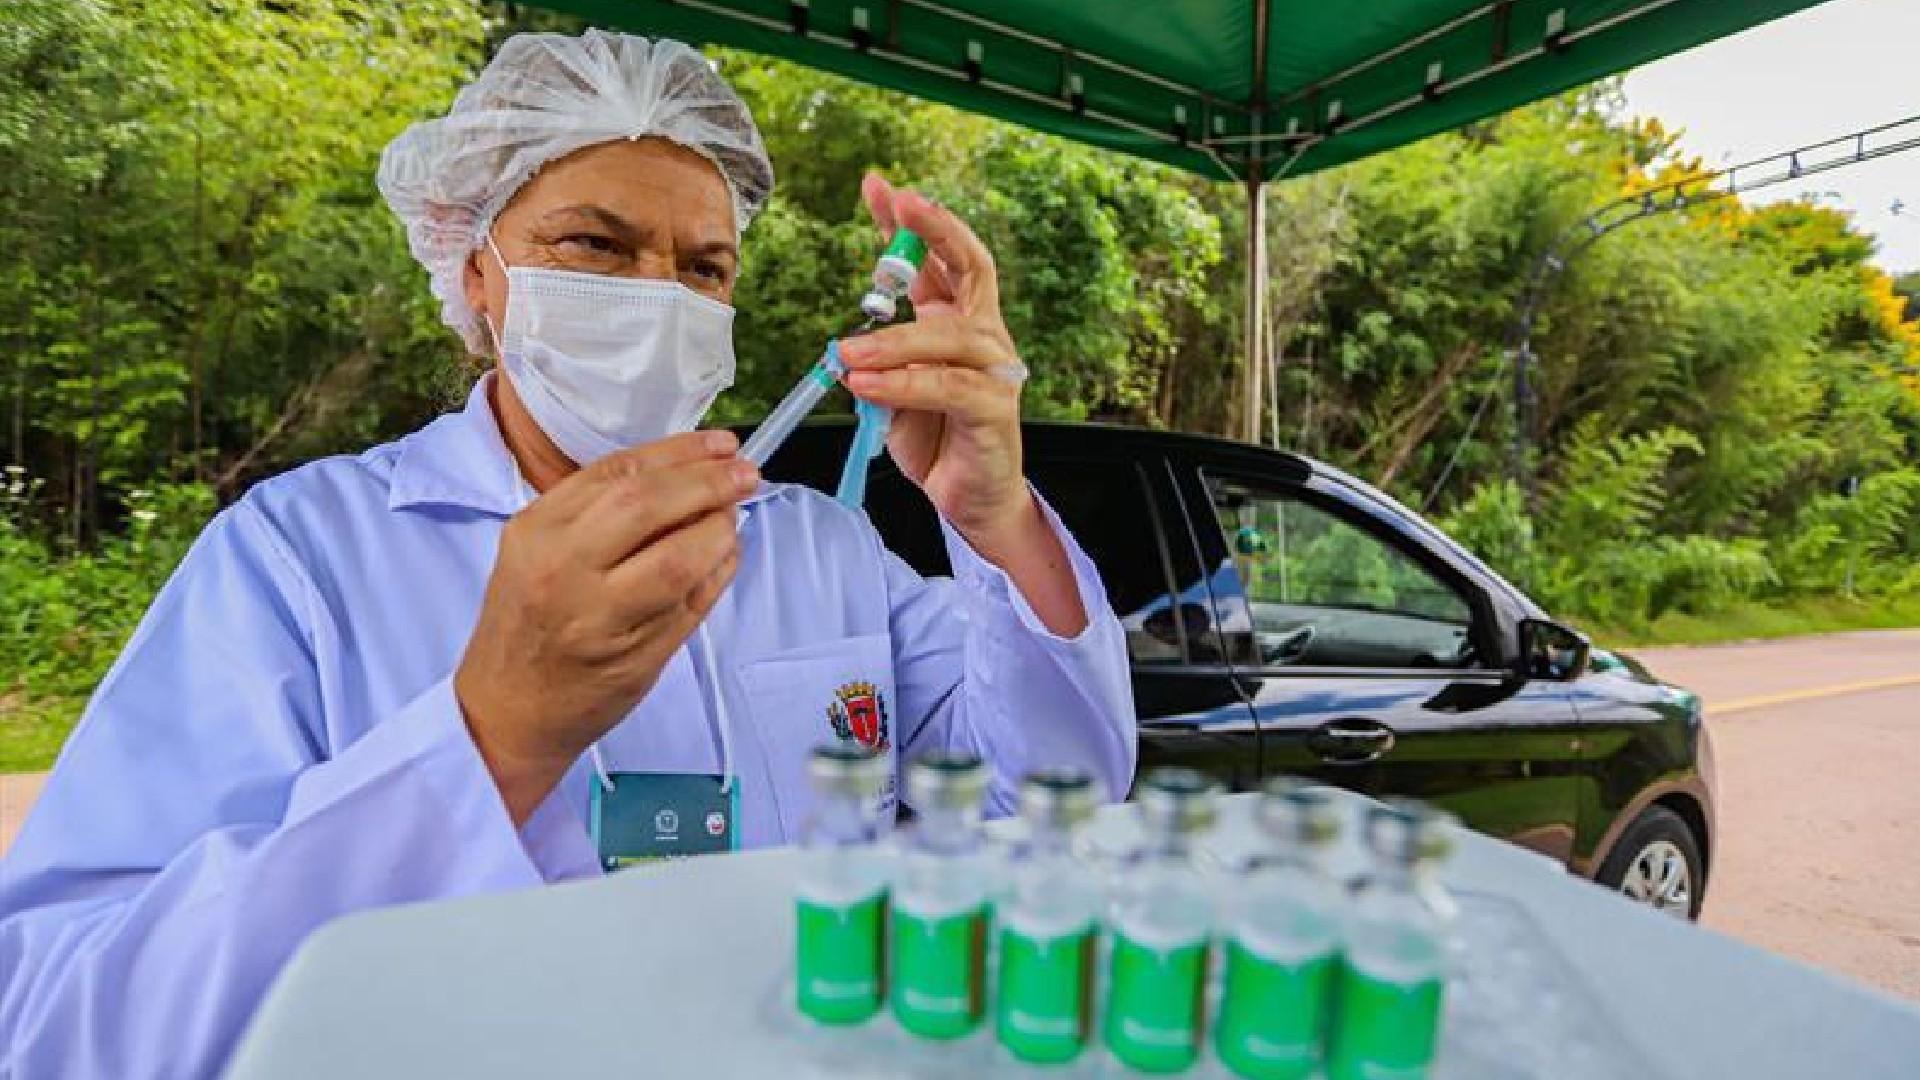 Vacinação contra a Covid em Curitiba será para idosos com 67 anos ou mais a partir de terça (13)